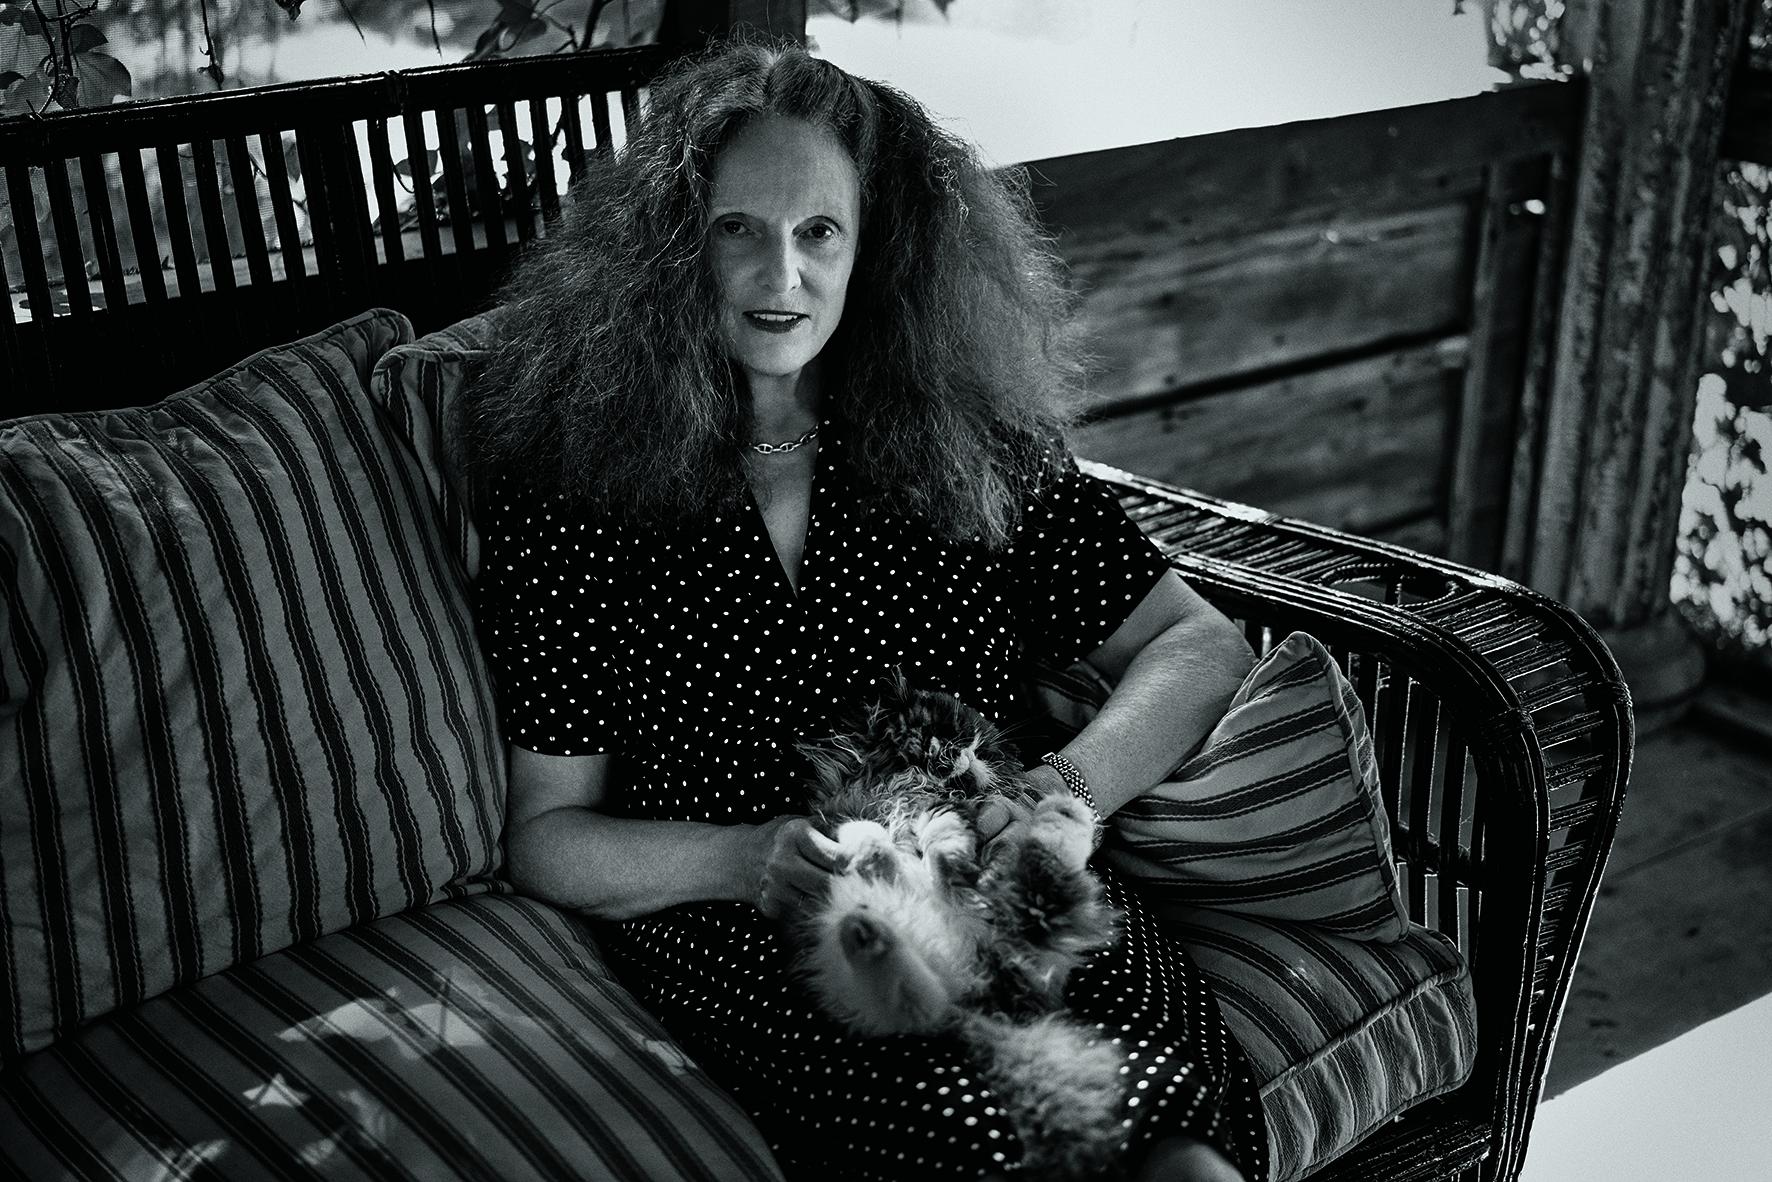 """Grace Coddington photographiée par Fabien Baron.  Figure incontournable de la mode reconnaissable à sa flamboyante chevelure rousse, Grace Coddington a incarné pendant trente ans l'âme du Vogue américain aux côtés d'Anna Wintour.En tant que directrice artistique, elle a travaillé avec les plus grands photographes de mode et imposer sa vision irrévérente à l'industrie toute entière.  Dans cet ouvrage, elle se confie sur ses treize dernières années au Vogue à travers des anecdotes personnelles et des commentaires éclairés sur ses rencontres avec les plus grands artistes et célébrités de notre époque comme Jeff Koons, Kanye West ou Keira Knightley.  Les séries mode illustrant le livre rendent hommage à dix-sept des grands photographes avec lesquels elle a collaboré sur cette même période, parmi lesquels Steven Meisel, Annie Leibovitz, Craig McDean, David Sims, Mario Testino, Marcus Piggot et Mert Alas…  Grace, Les Années """"Vogue"""" américain de Grace Coddington, 408 p., éd. Phaidon.  Séance de dédicace exceptionnelle chez Colette Le vendredi 30 septembre de 18h à 20h Colette - 213, rue Saint-Honoré - Paris I  Par Léa Zetlaoui"""